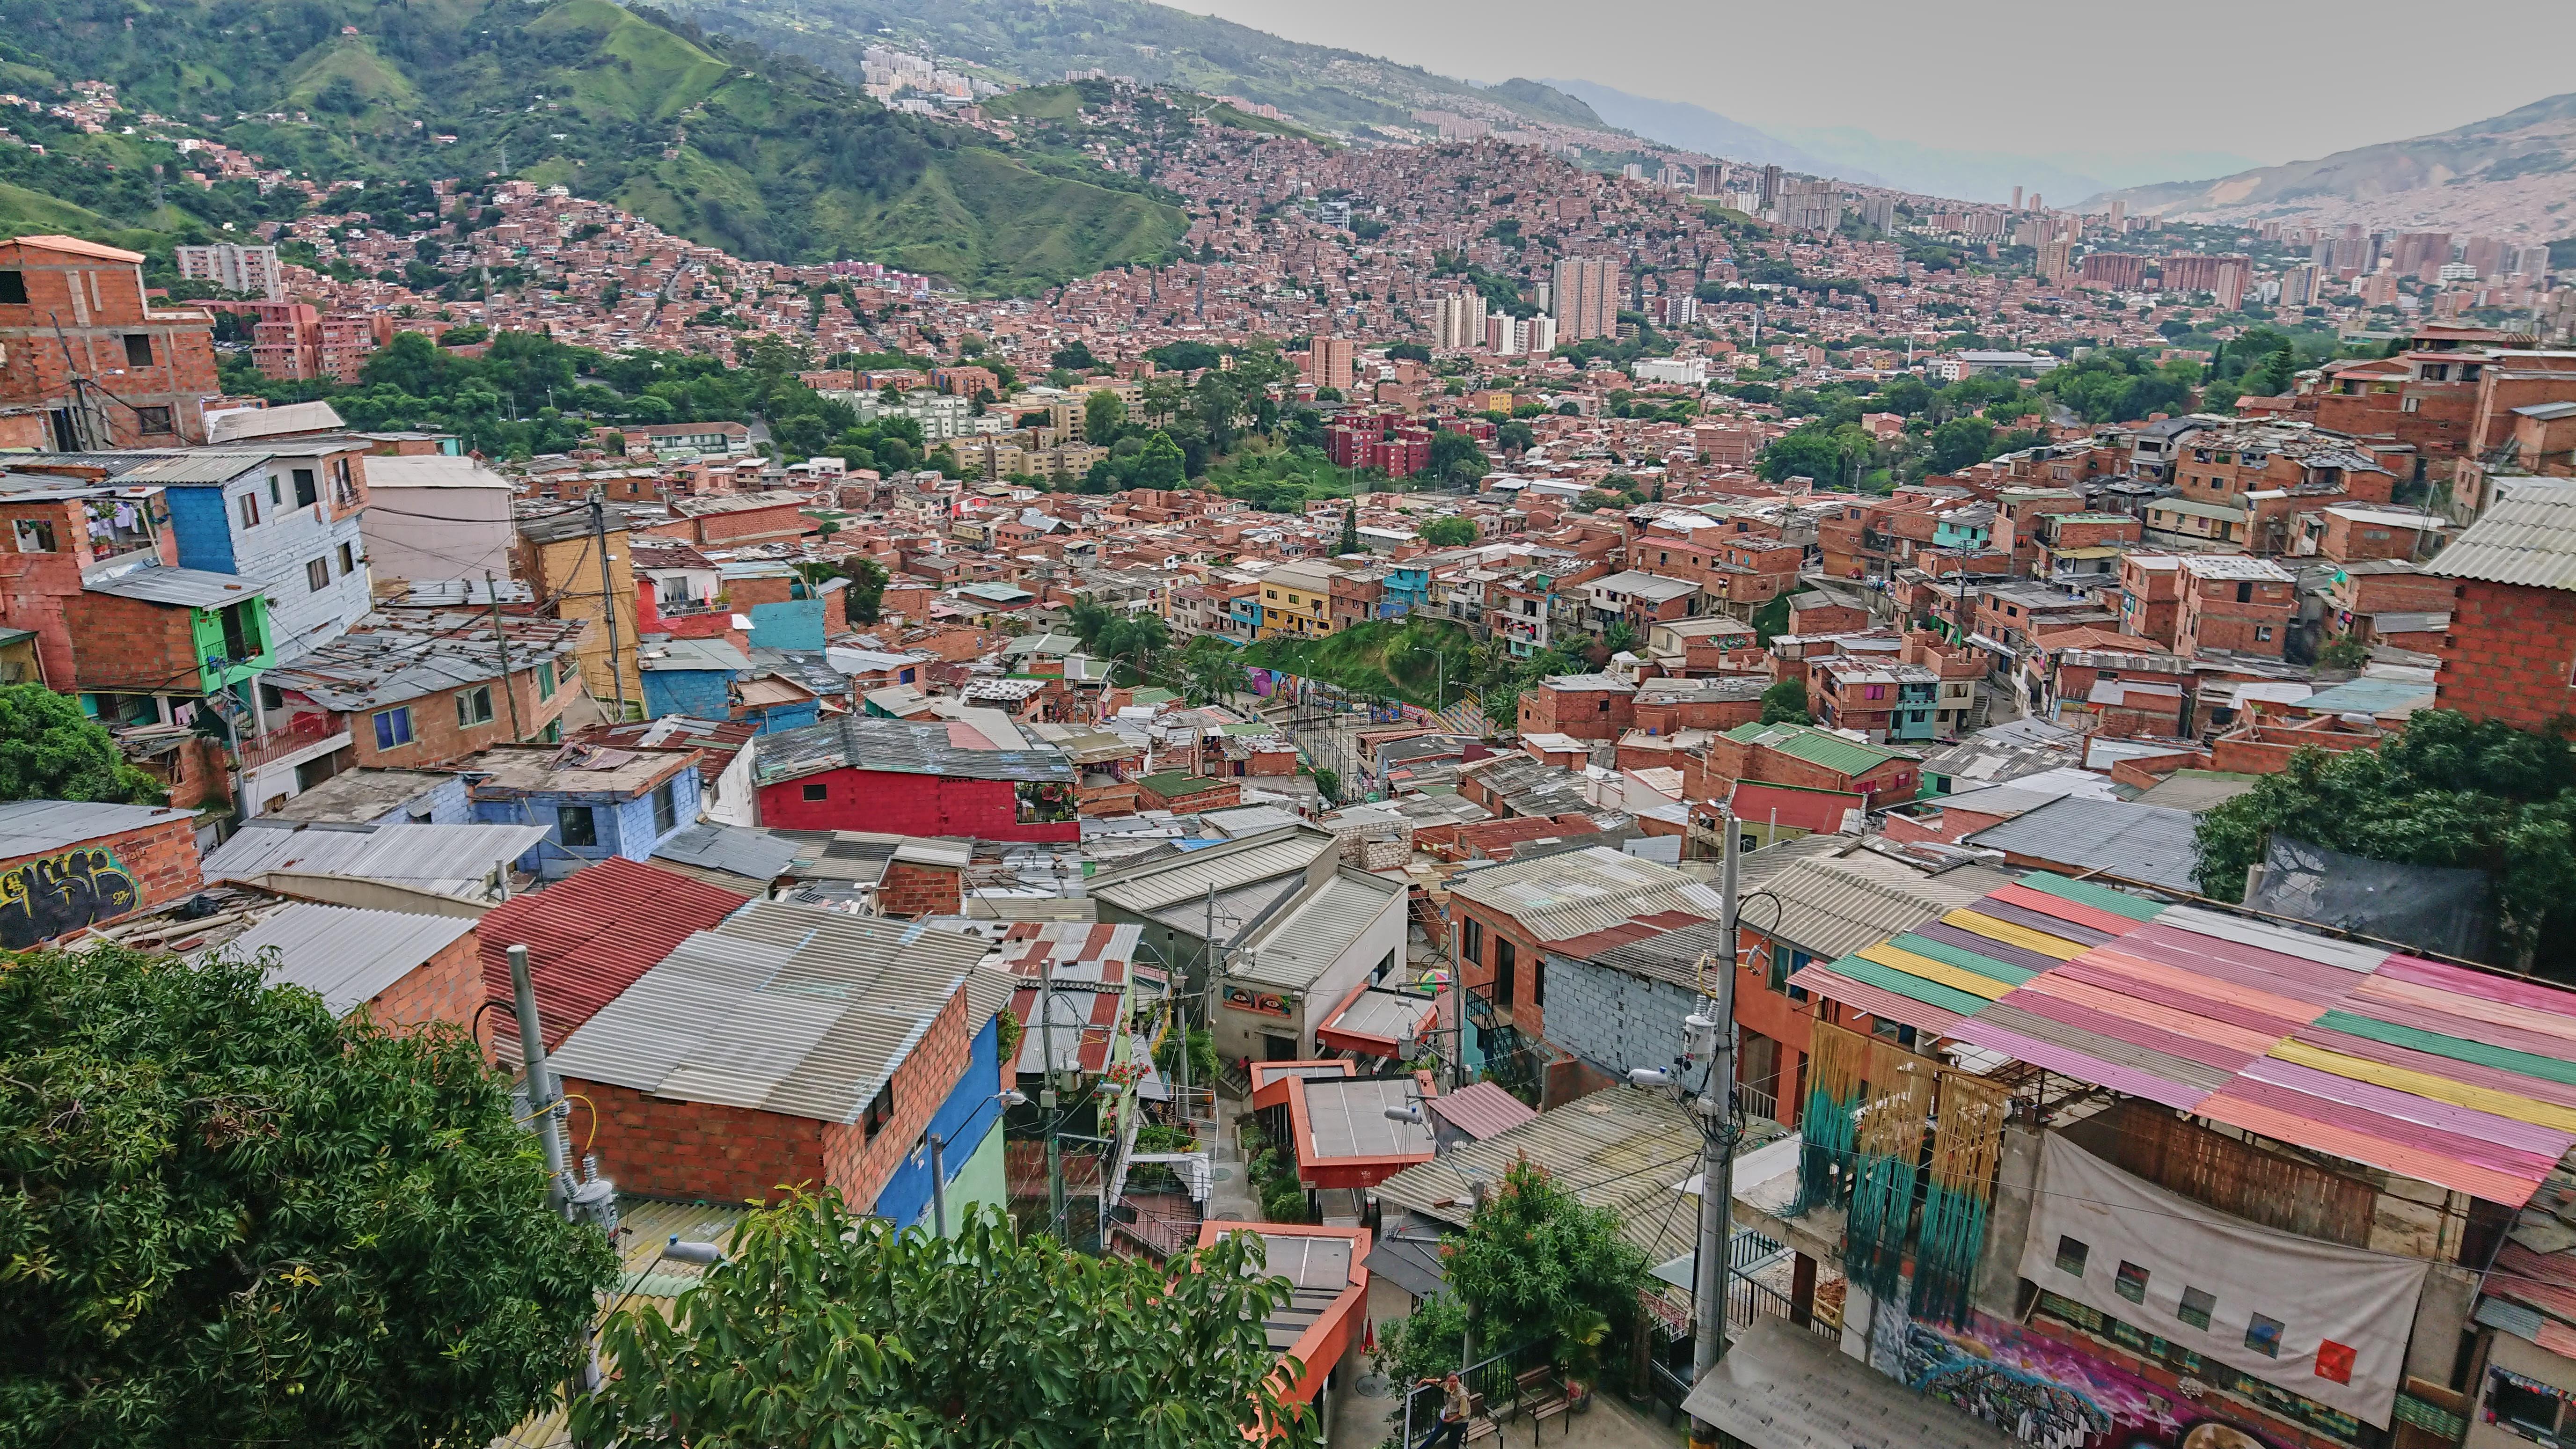 Comuna 13, Medellin, Kolumbien 2019